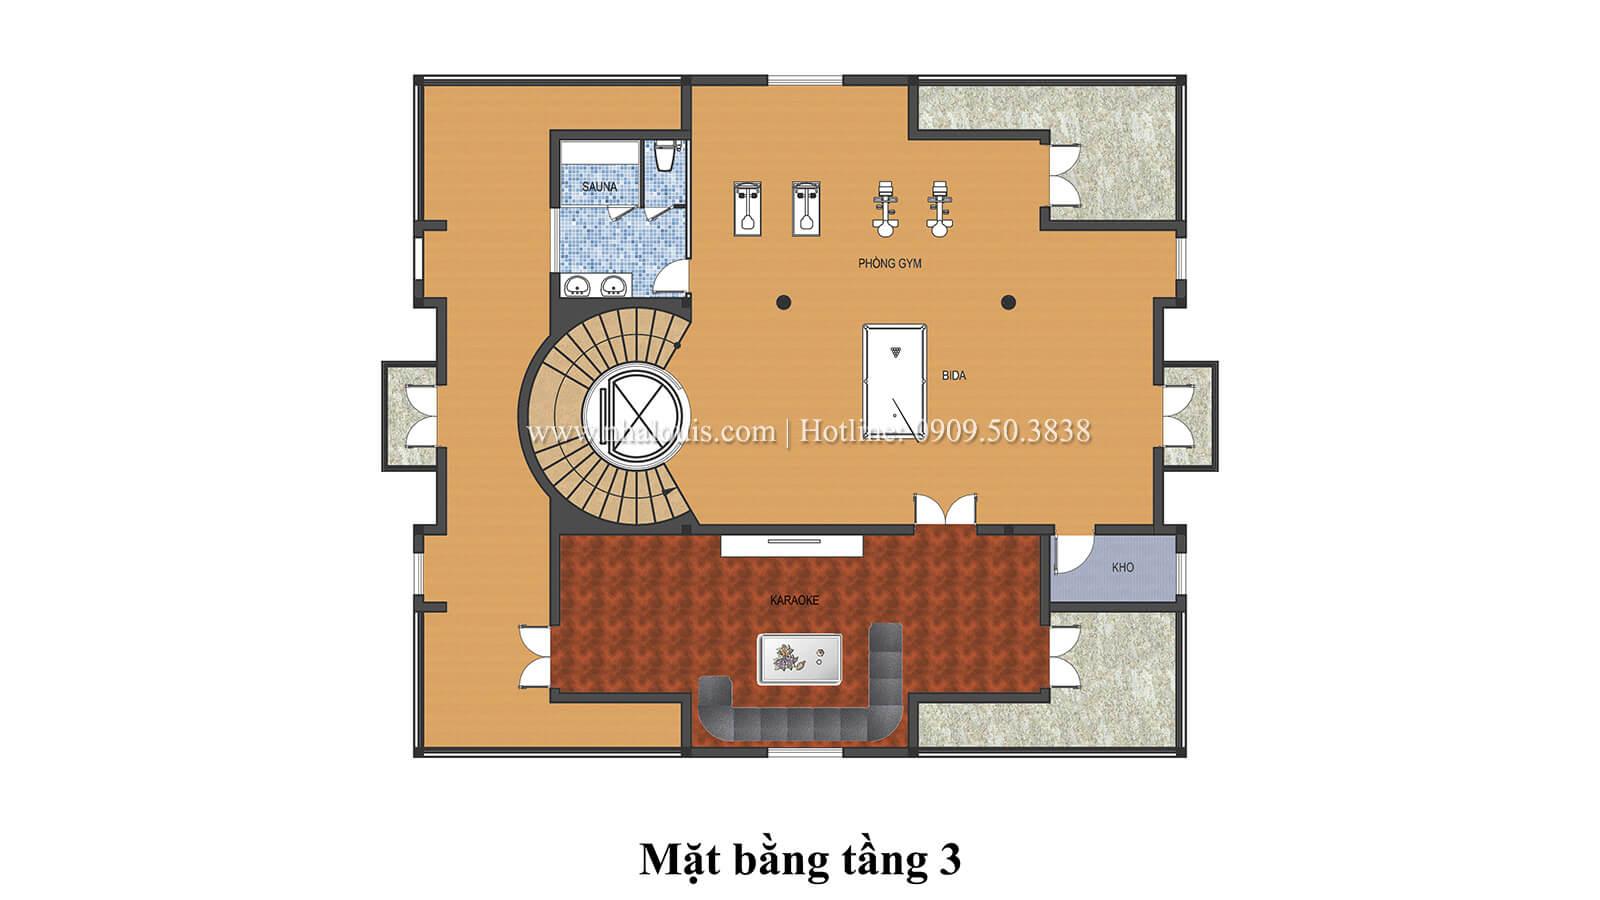 Mặt bằng tầng 3 Biệt thự lâu đài phong cách vương giả tại Khánh Hòa - 08